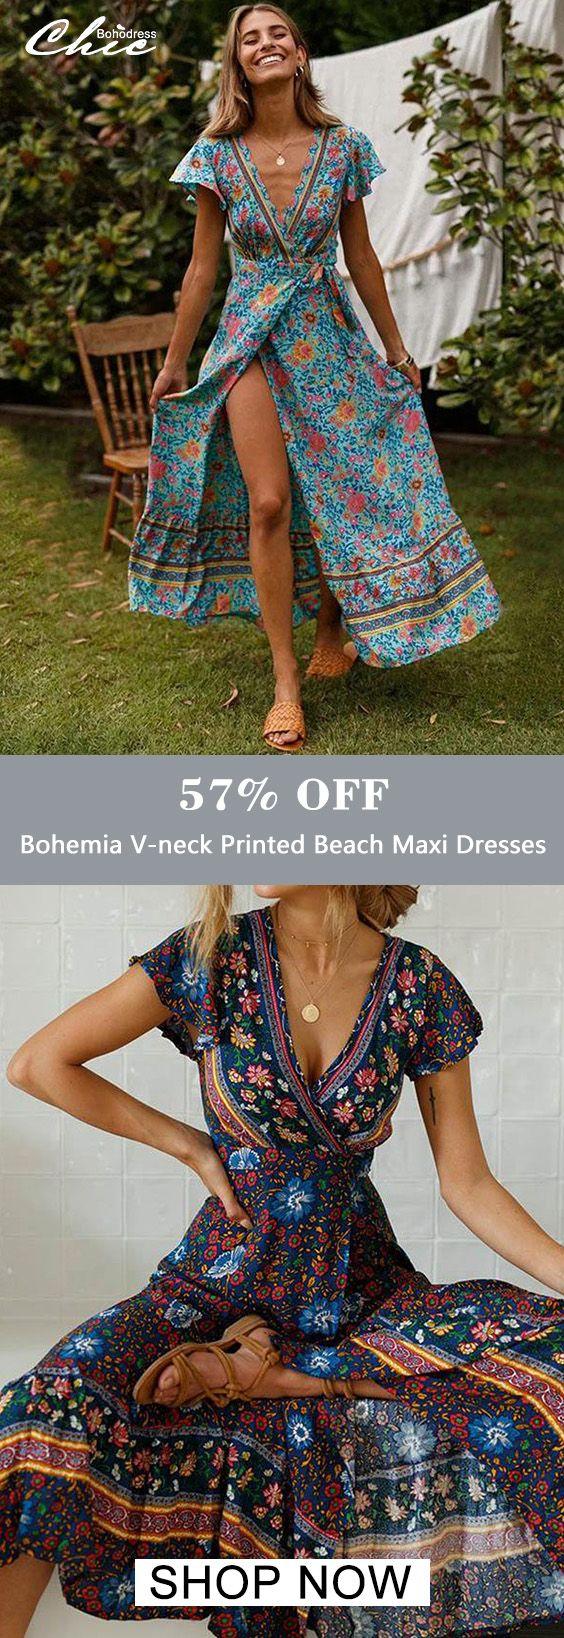 Bohemia V-neck Printed Beach Maxi Dresses 3